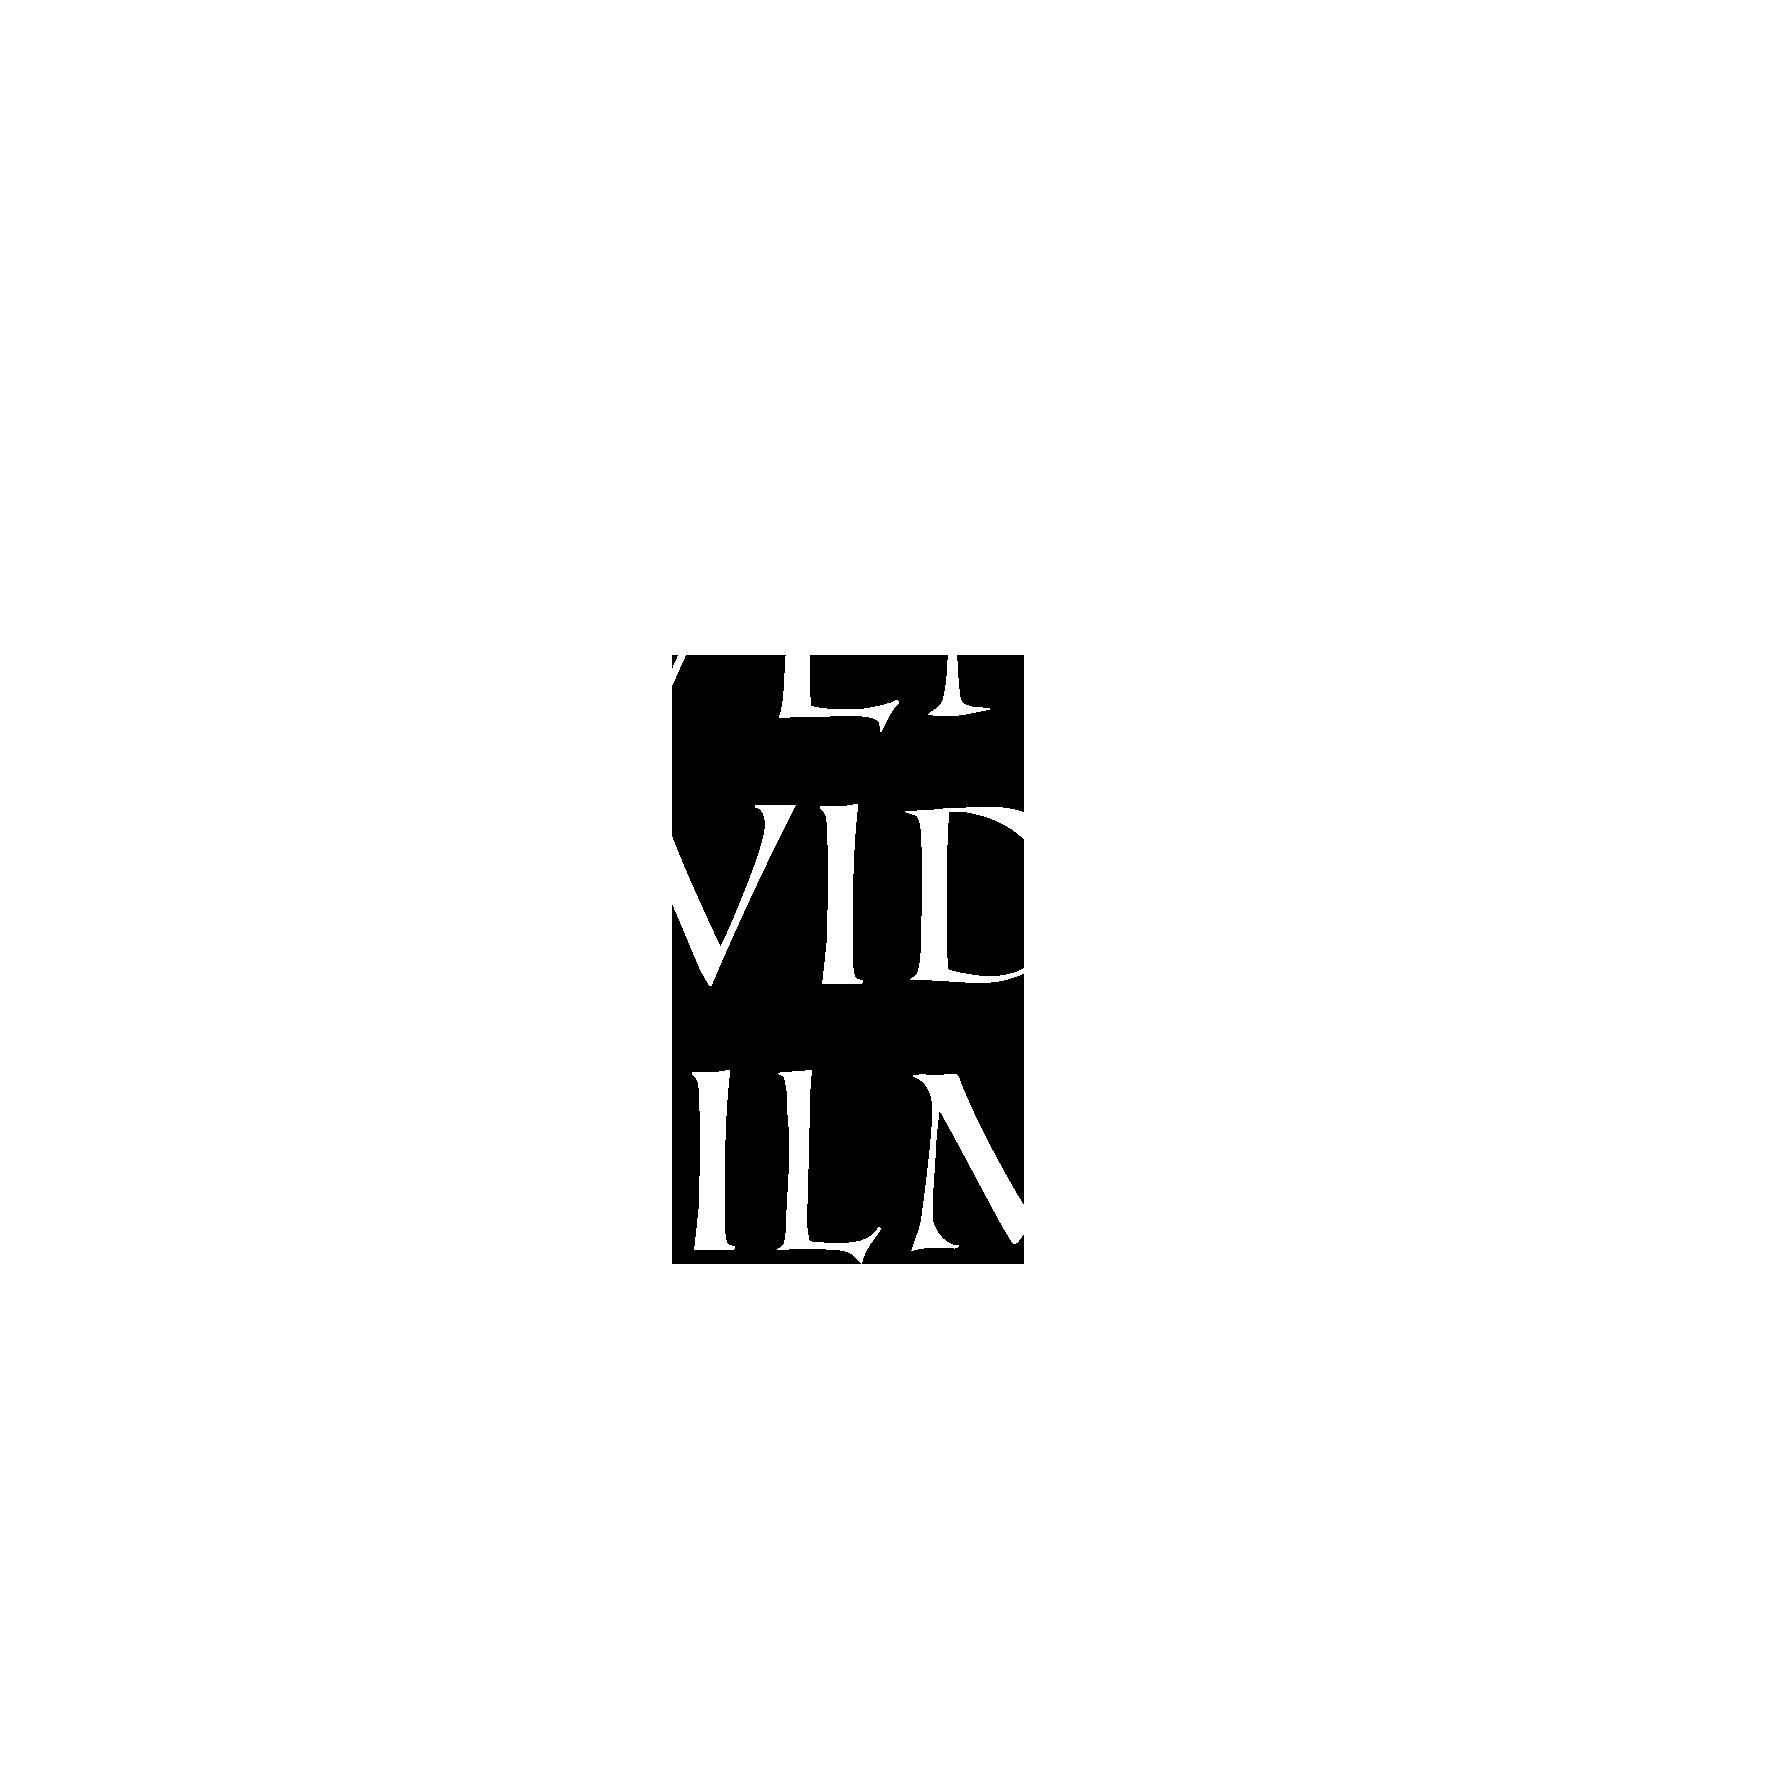 Veni Vidi Filmi